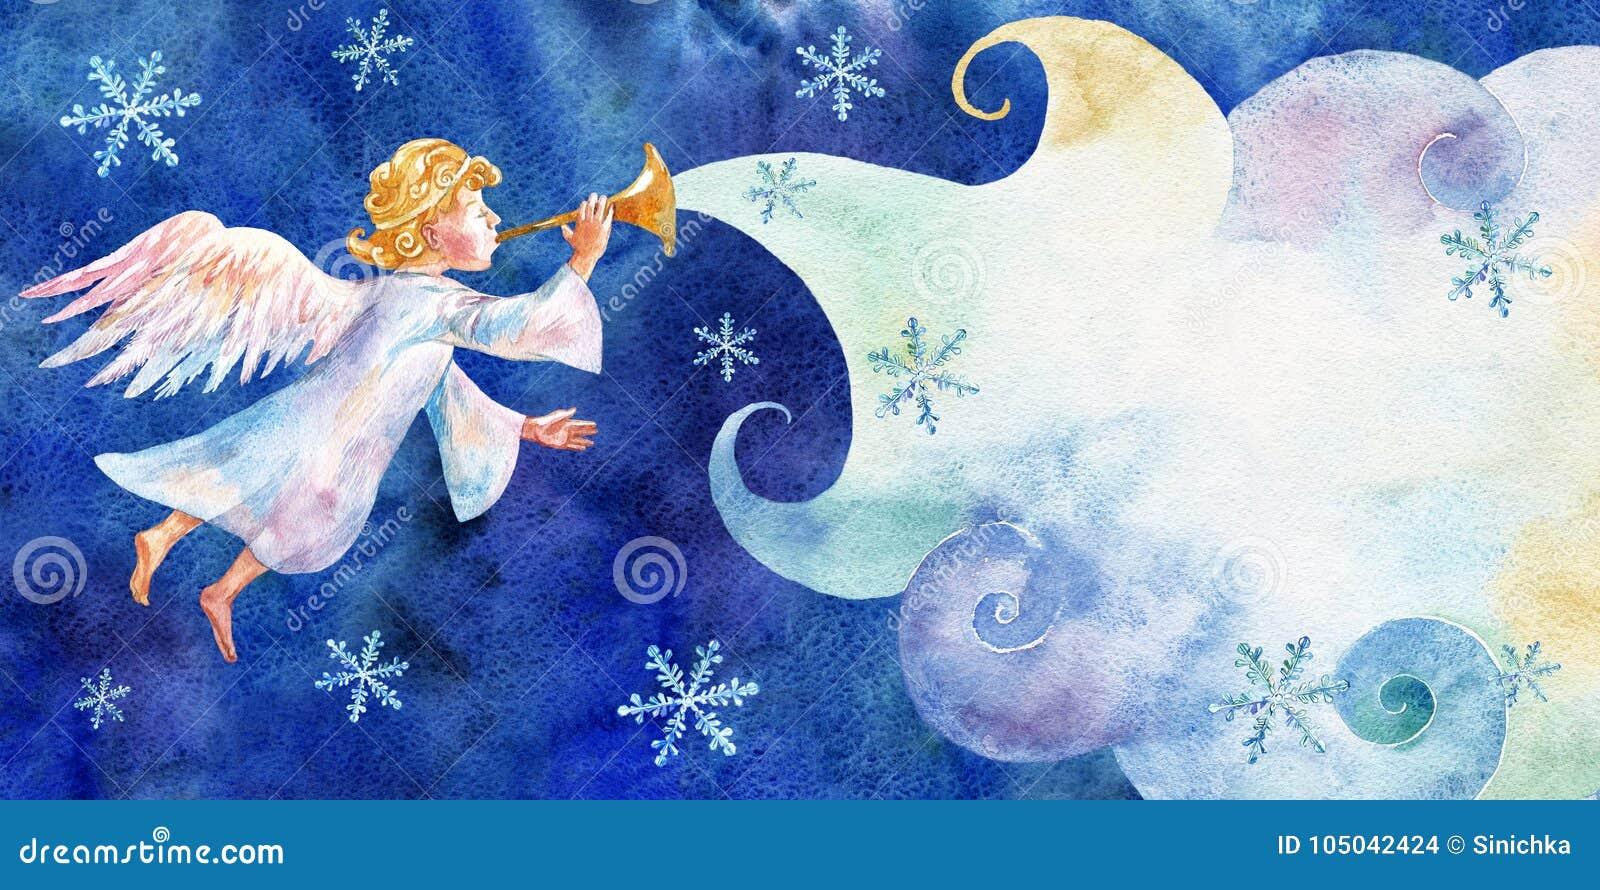 Κάρτα Χριστουγέννων με λίγο άγγελο Watercolor στο μπλε υπόβαθρο